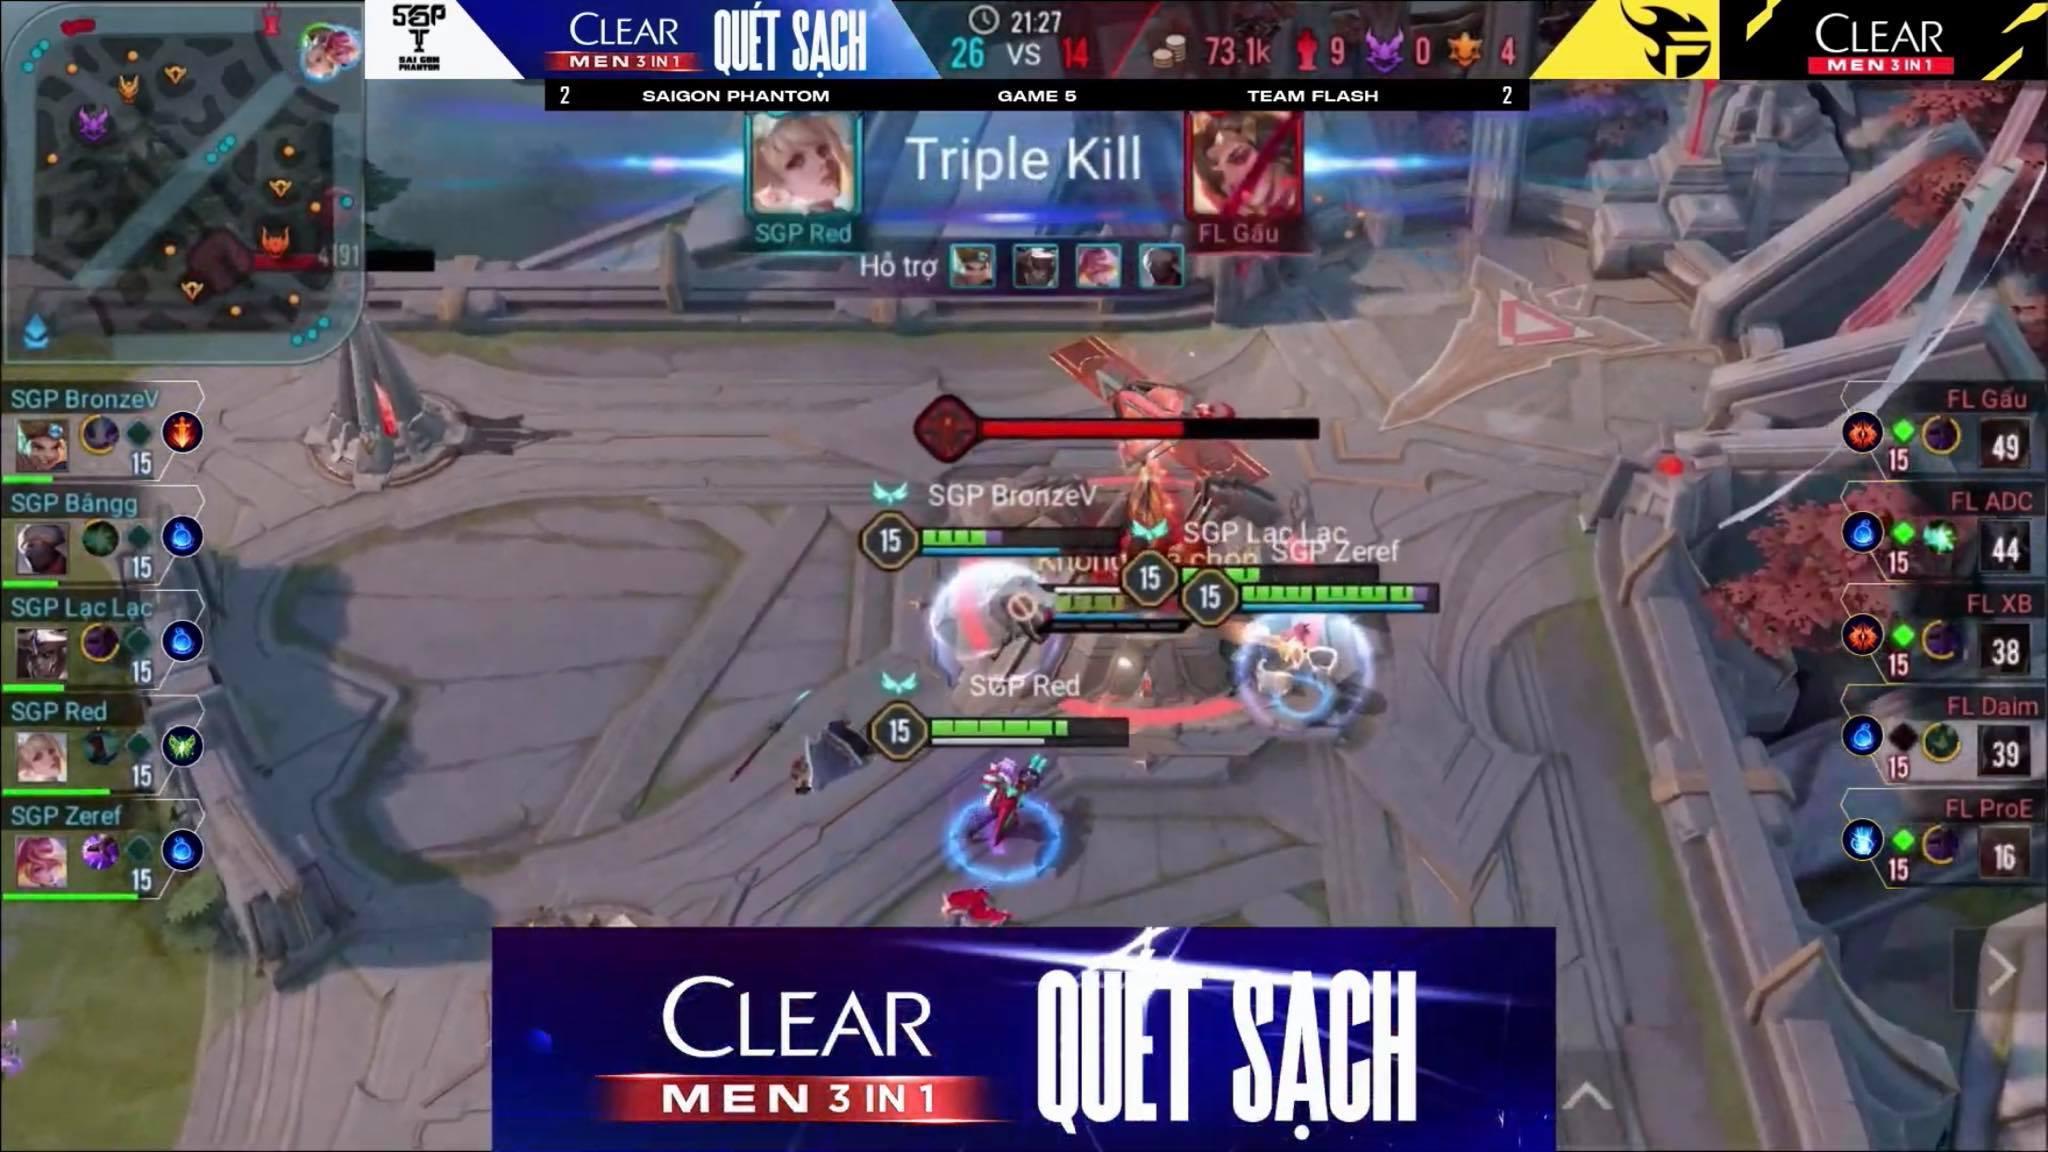 Sau lần xưng hô thô lỗ và buông lời thách thức CĐM, ProE tiếp tục bị game thủ Liên Quân tấn công sau thất bại của Team Flash - Ảnh 1.